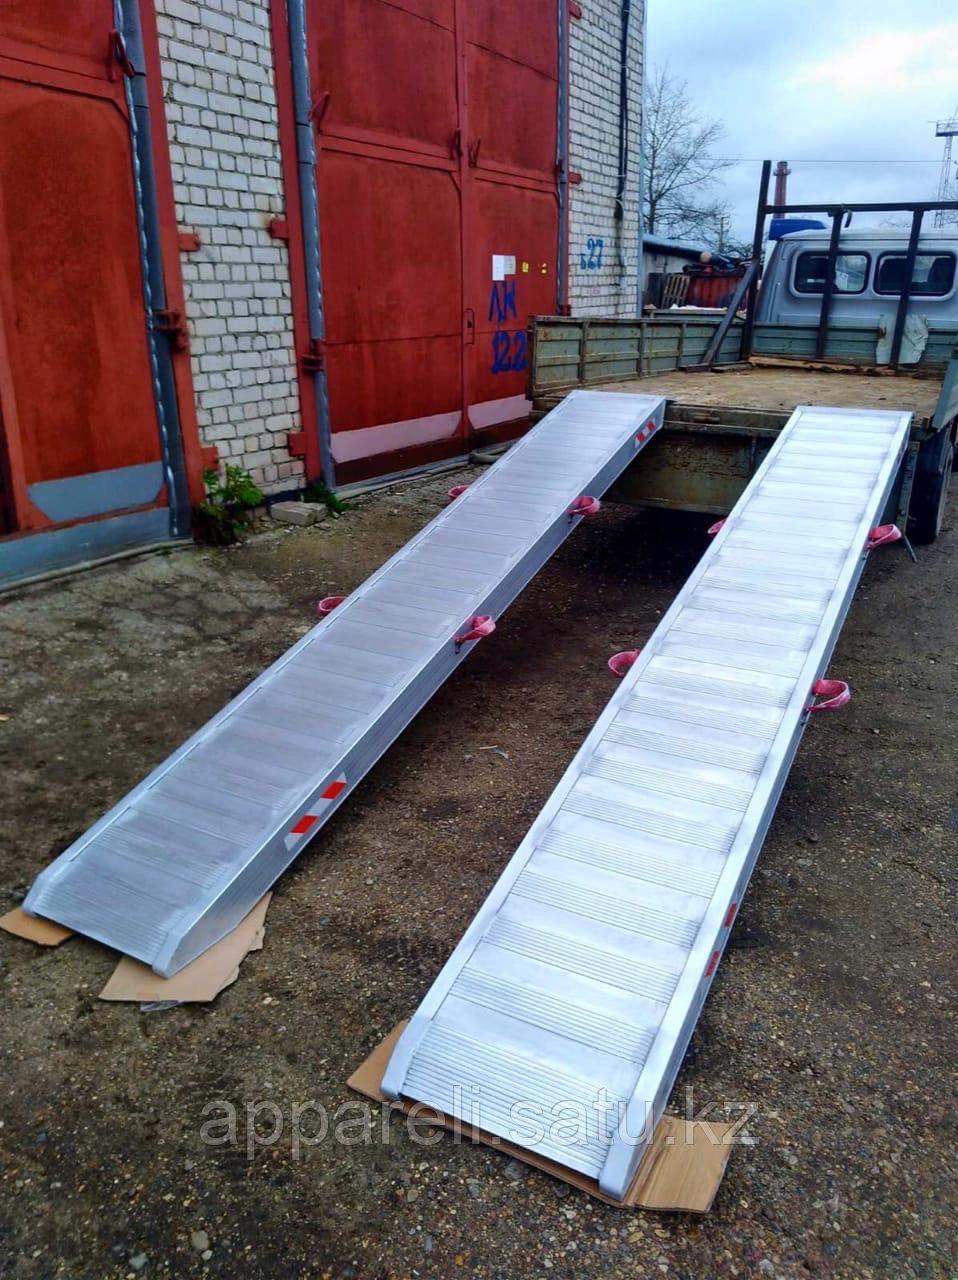 Алюминиевые сходни от производителя (трап, аппарель) 3 метра, 59 кг